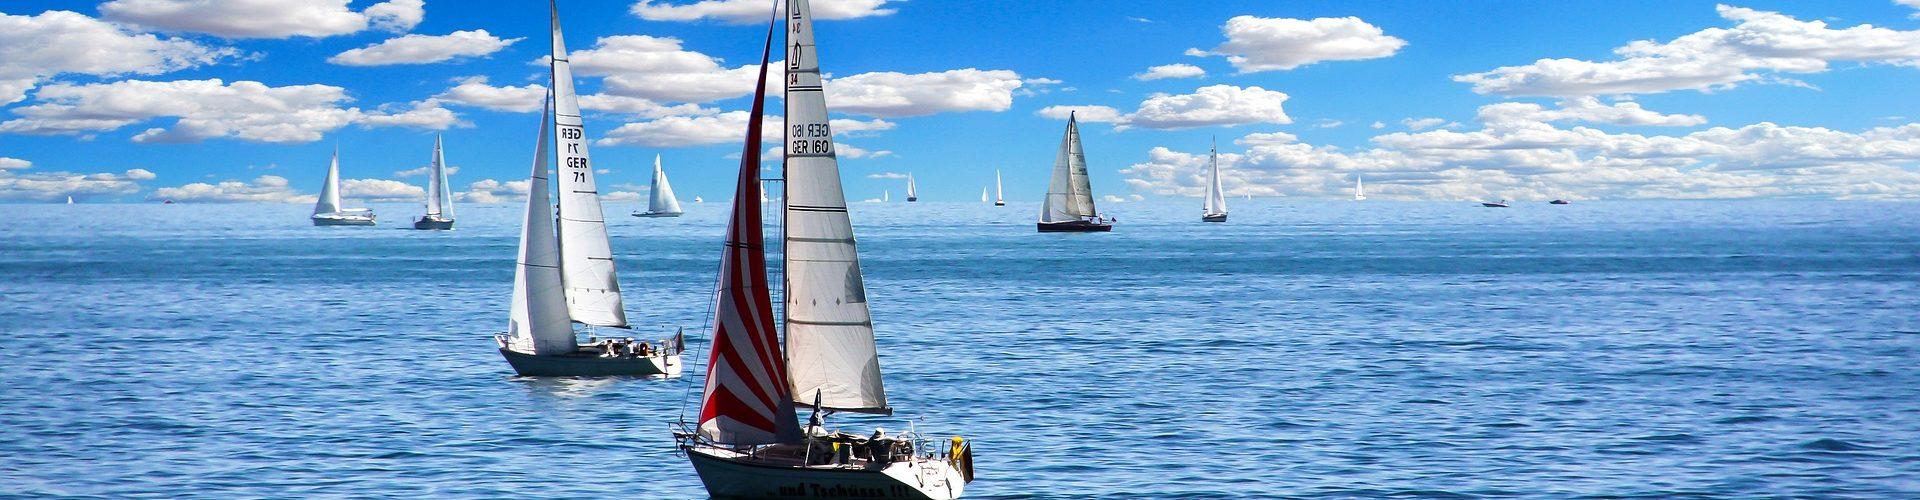 segeln lernen in Utersum segelschein machen in Utersum 1920x500 - Segeln lernen in Utersum